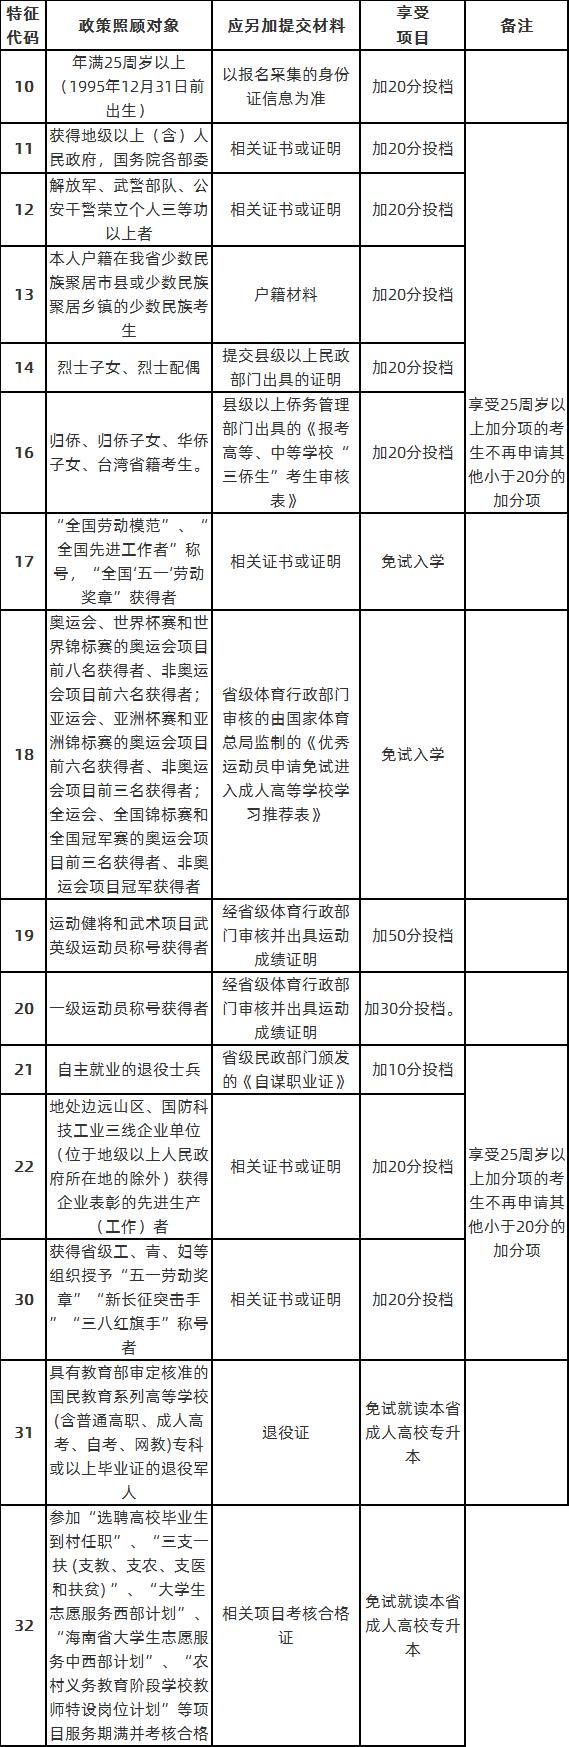 海南成考免试照顾政策.png